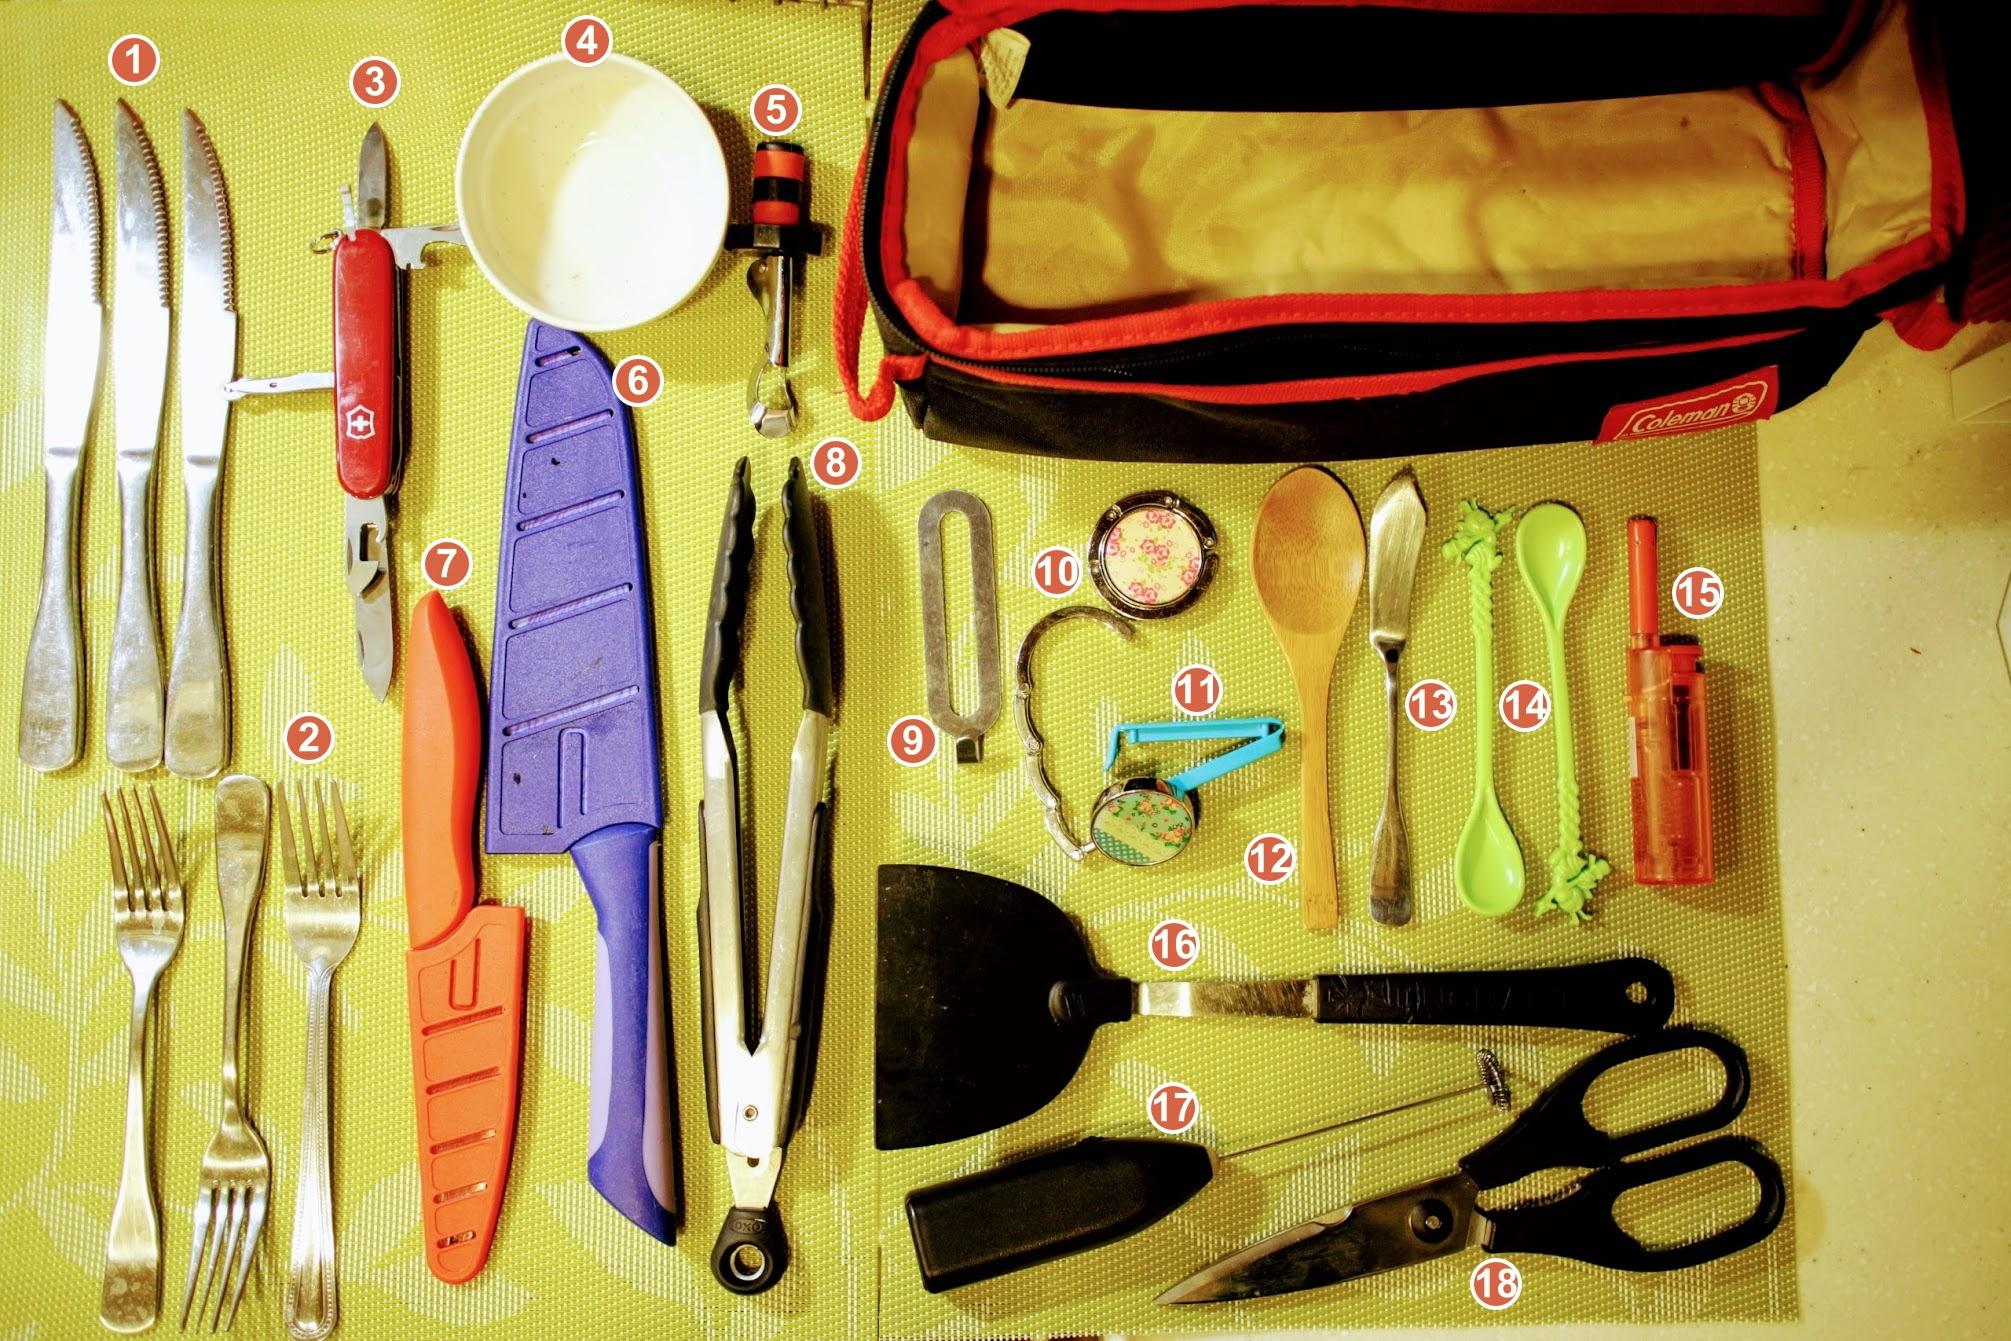 露營。如何收納餐具及廚房工具 - 邁向慵懶人生